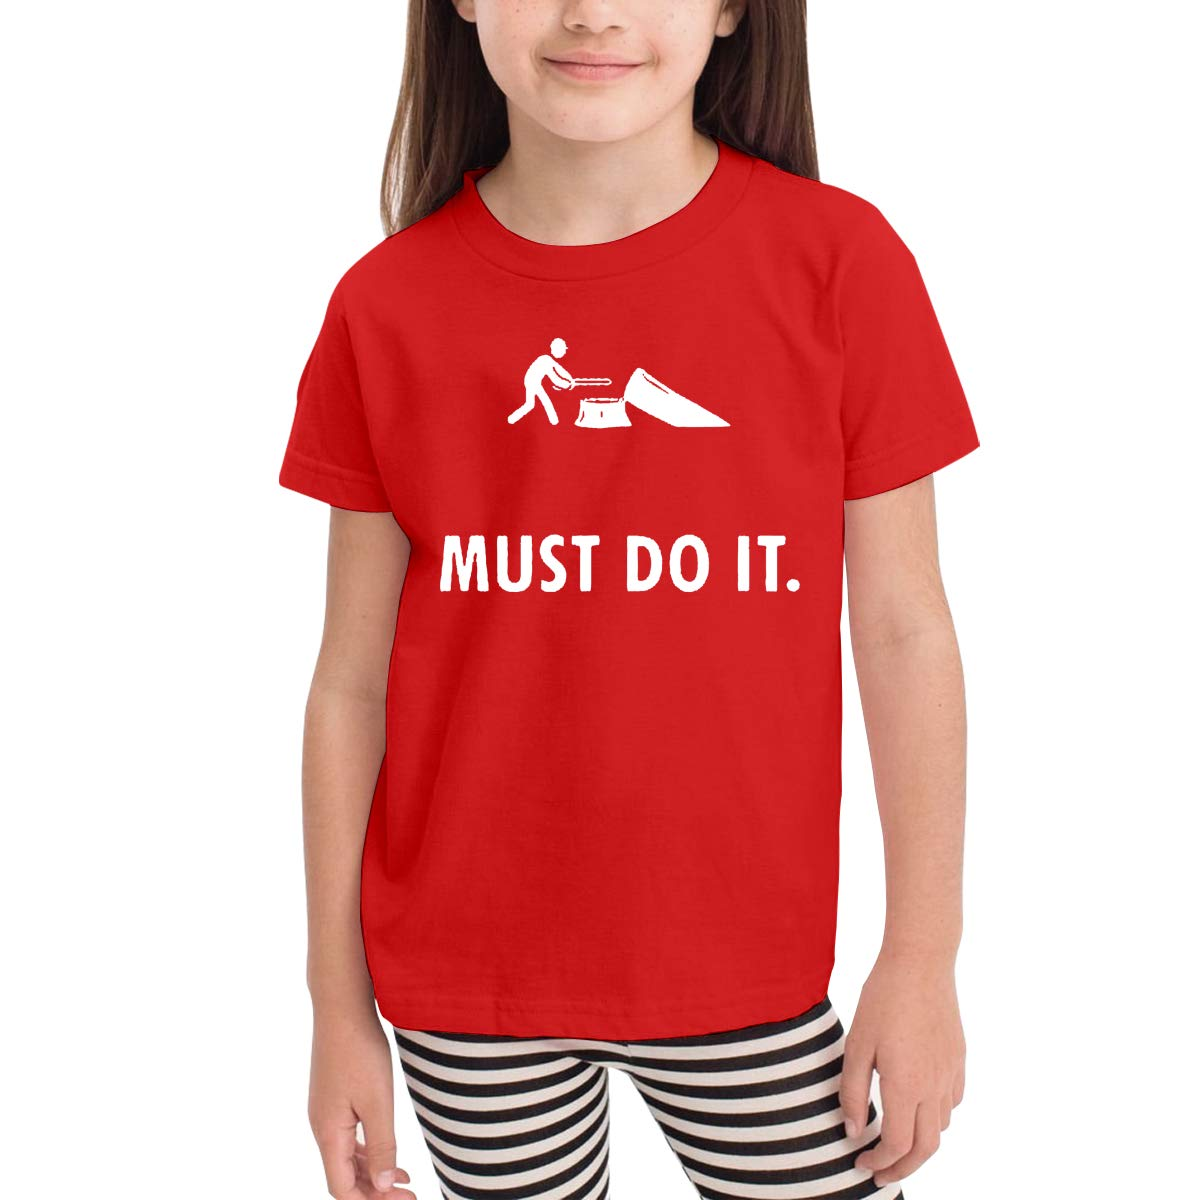 Must Do It Unisex Youths Short Sleeve T-Shirt Kids T-Shirt Tops Black